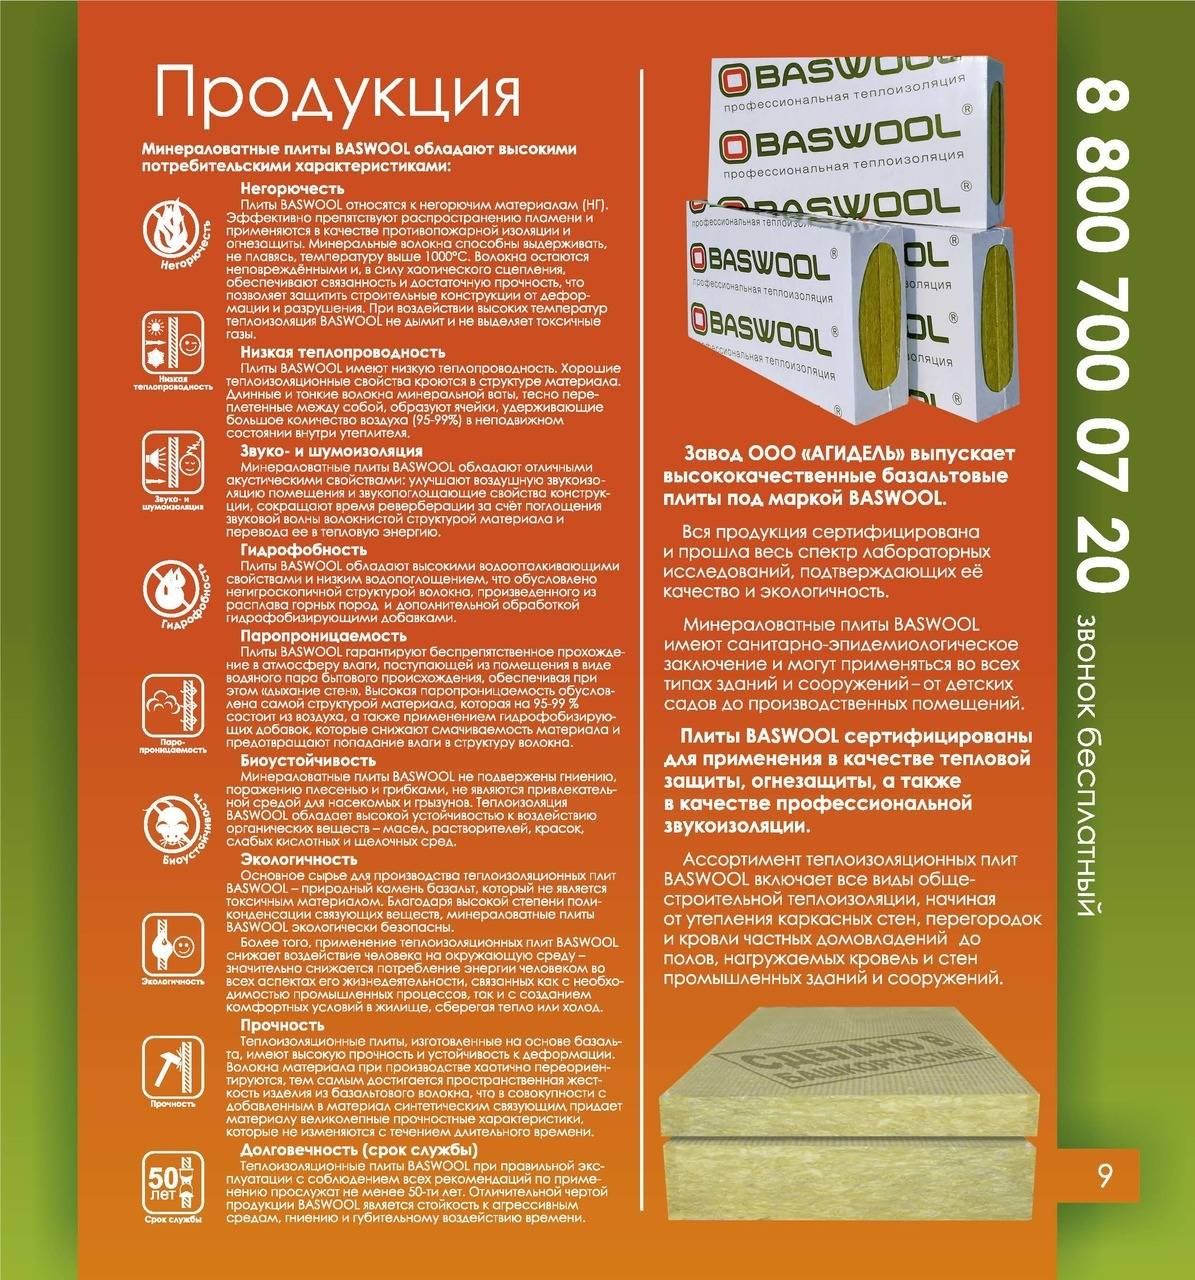 Утеплитель rockwool: технические характеристики материалов для теплоизоляции стен, плотность и размеры, отзывы